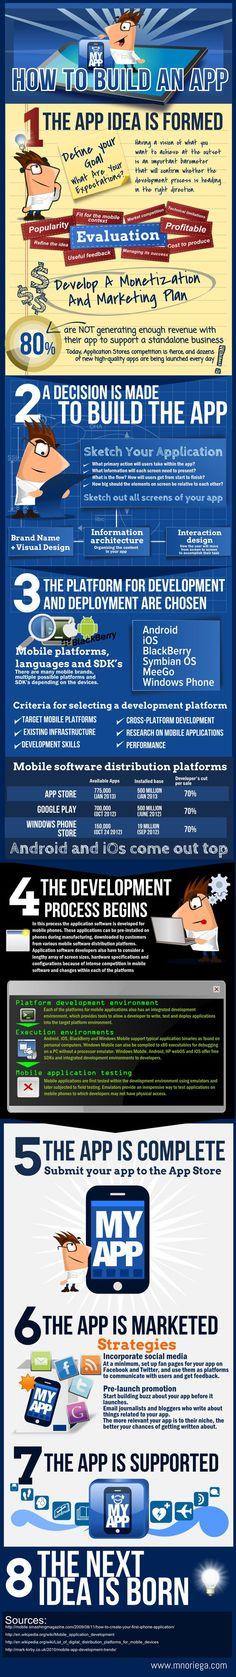 WORDPRESS: Pasa para desarrollar una buena app